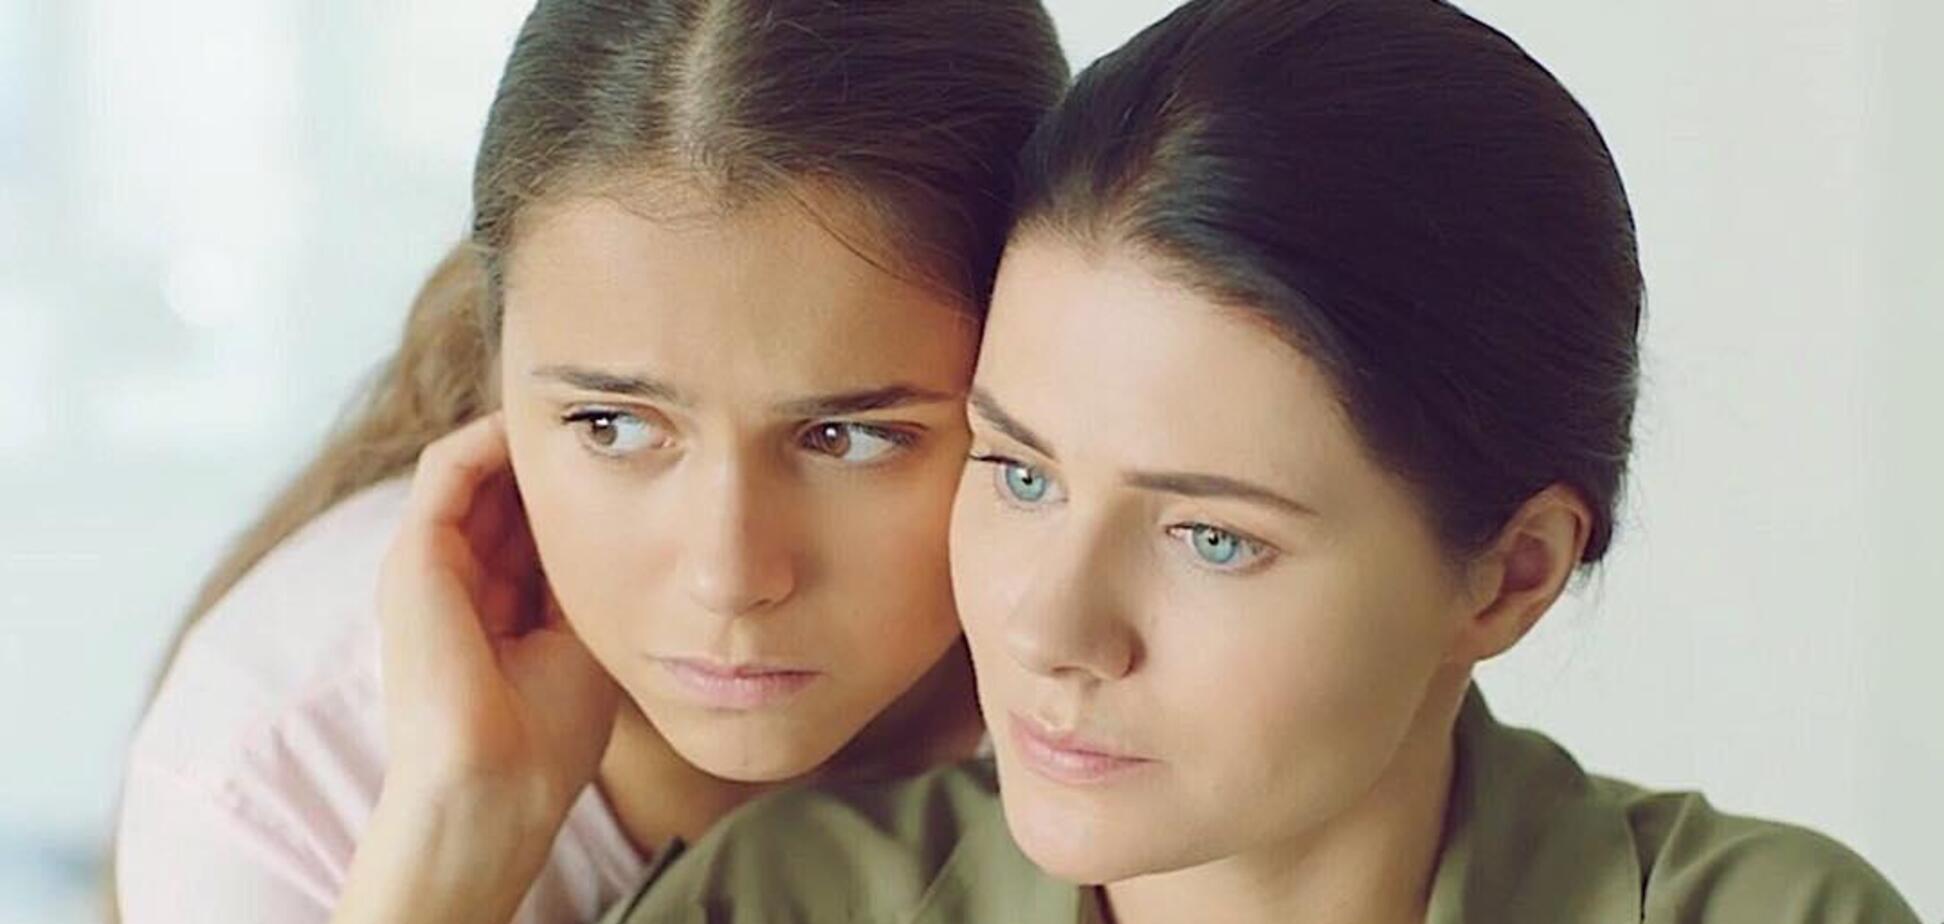 Сериал 'Другая': где смотреть все серии онлайн